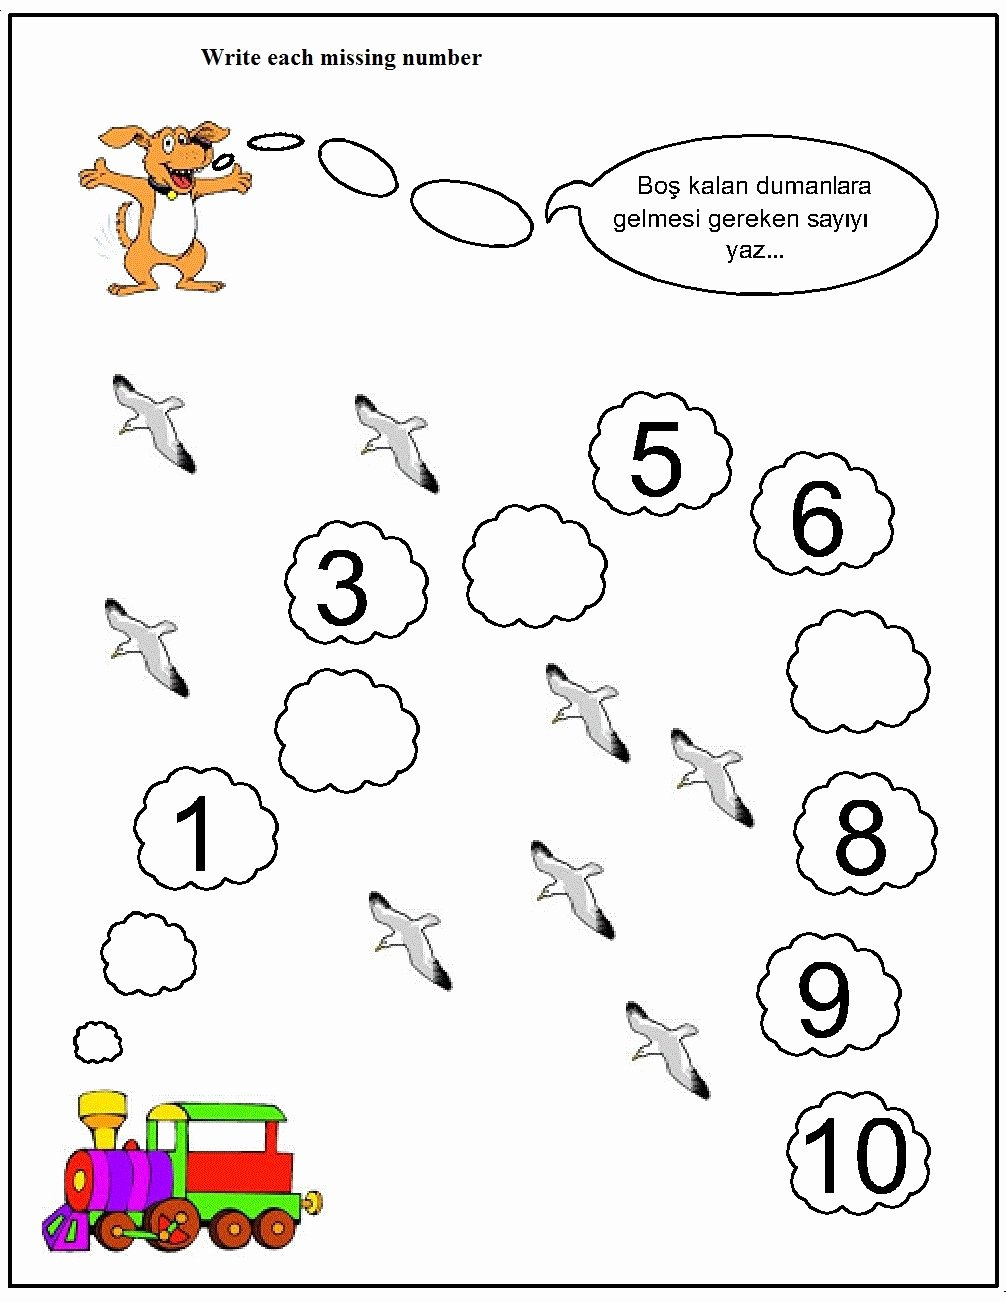 Missing Number Worksheets 1 10 New Missing Number Worksheet for Kids 1 10